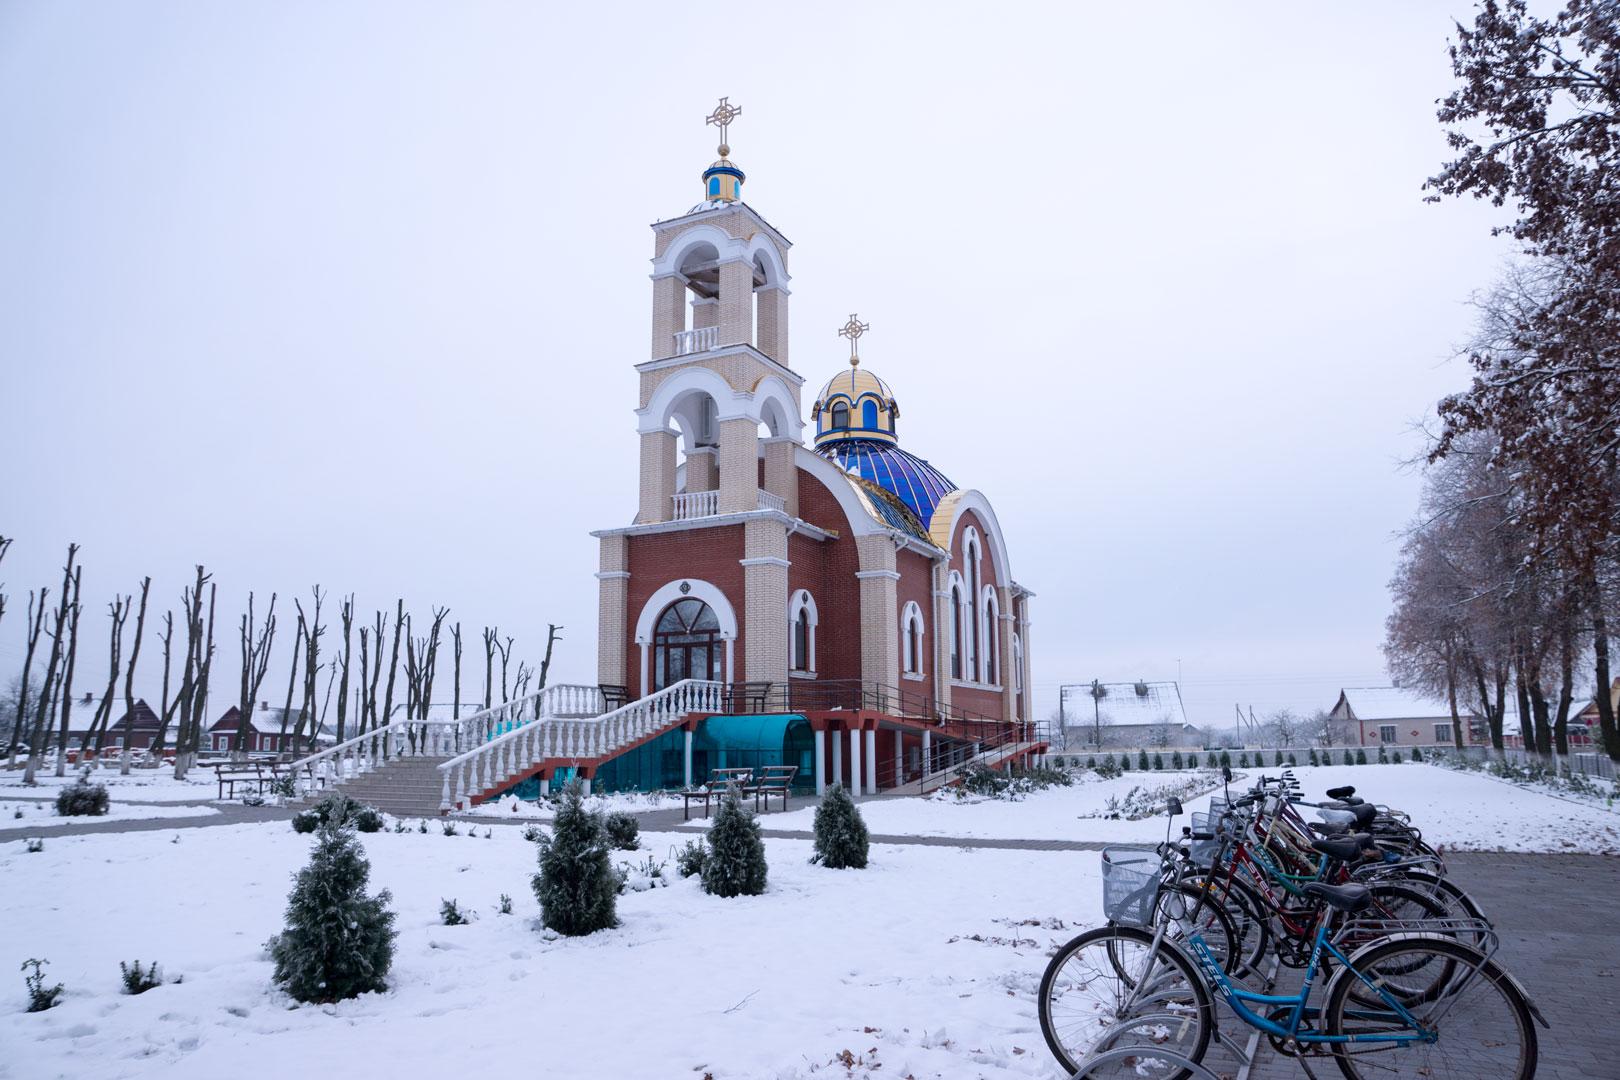 yaglevichi